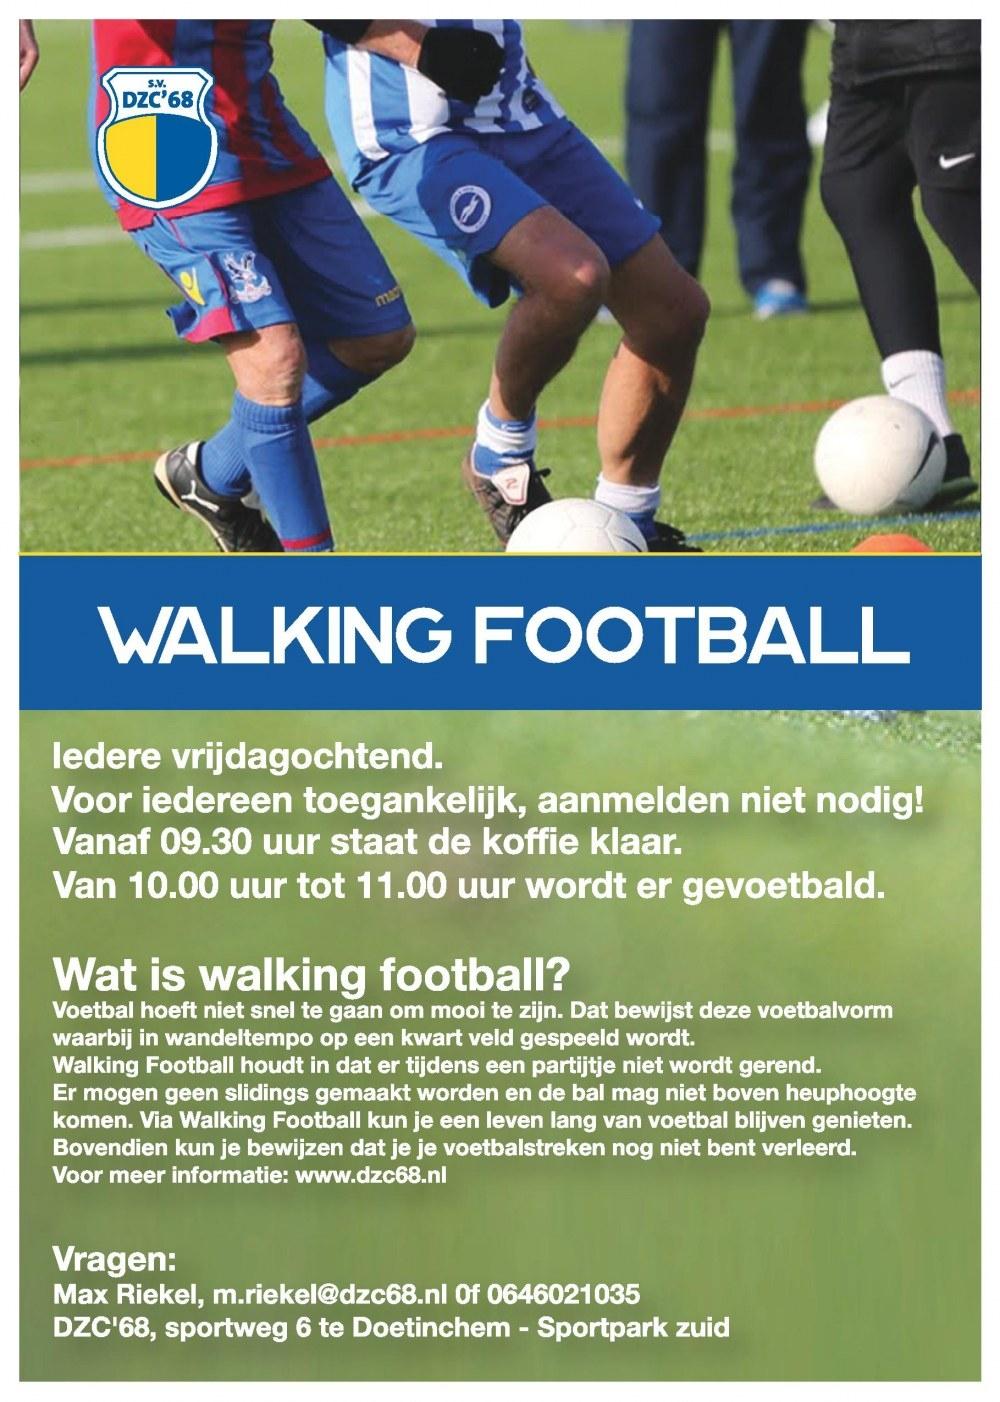 Walking Football bij DZC'68, begin tijd aangepast